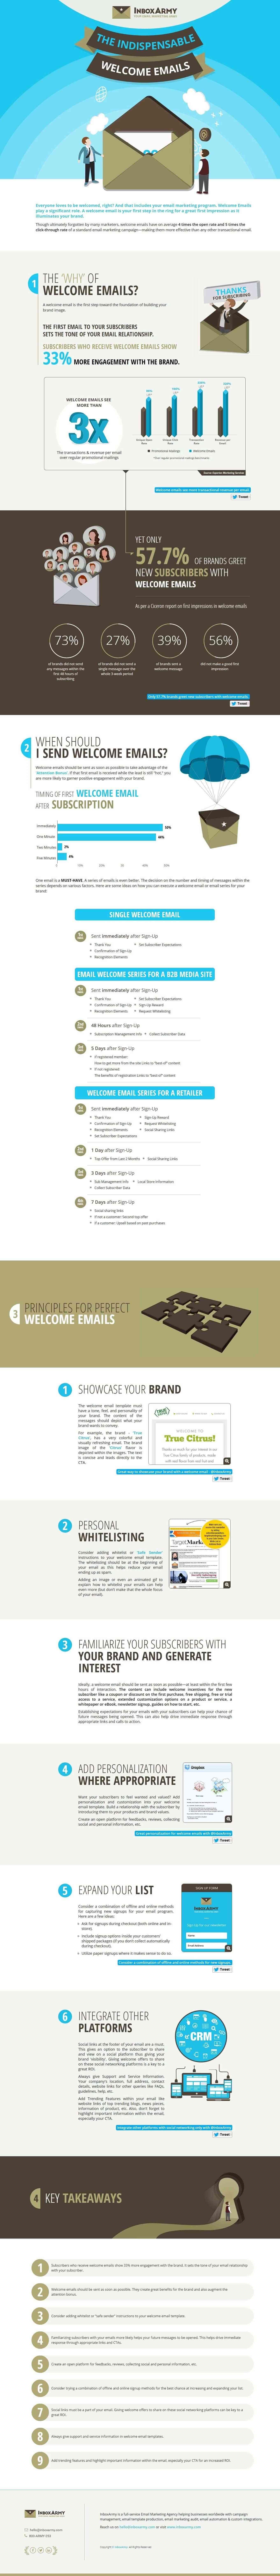 mensajes de bienvenida en emails